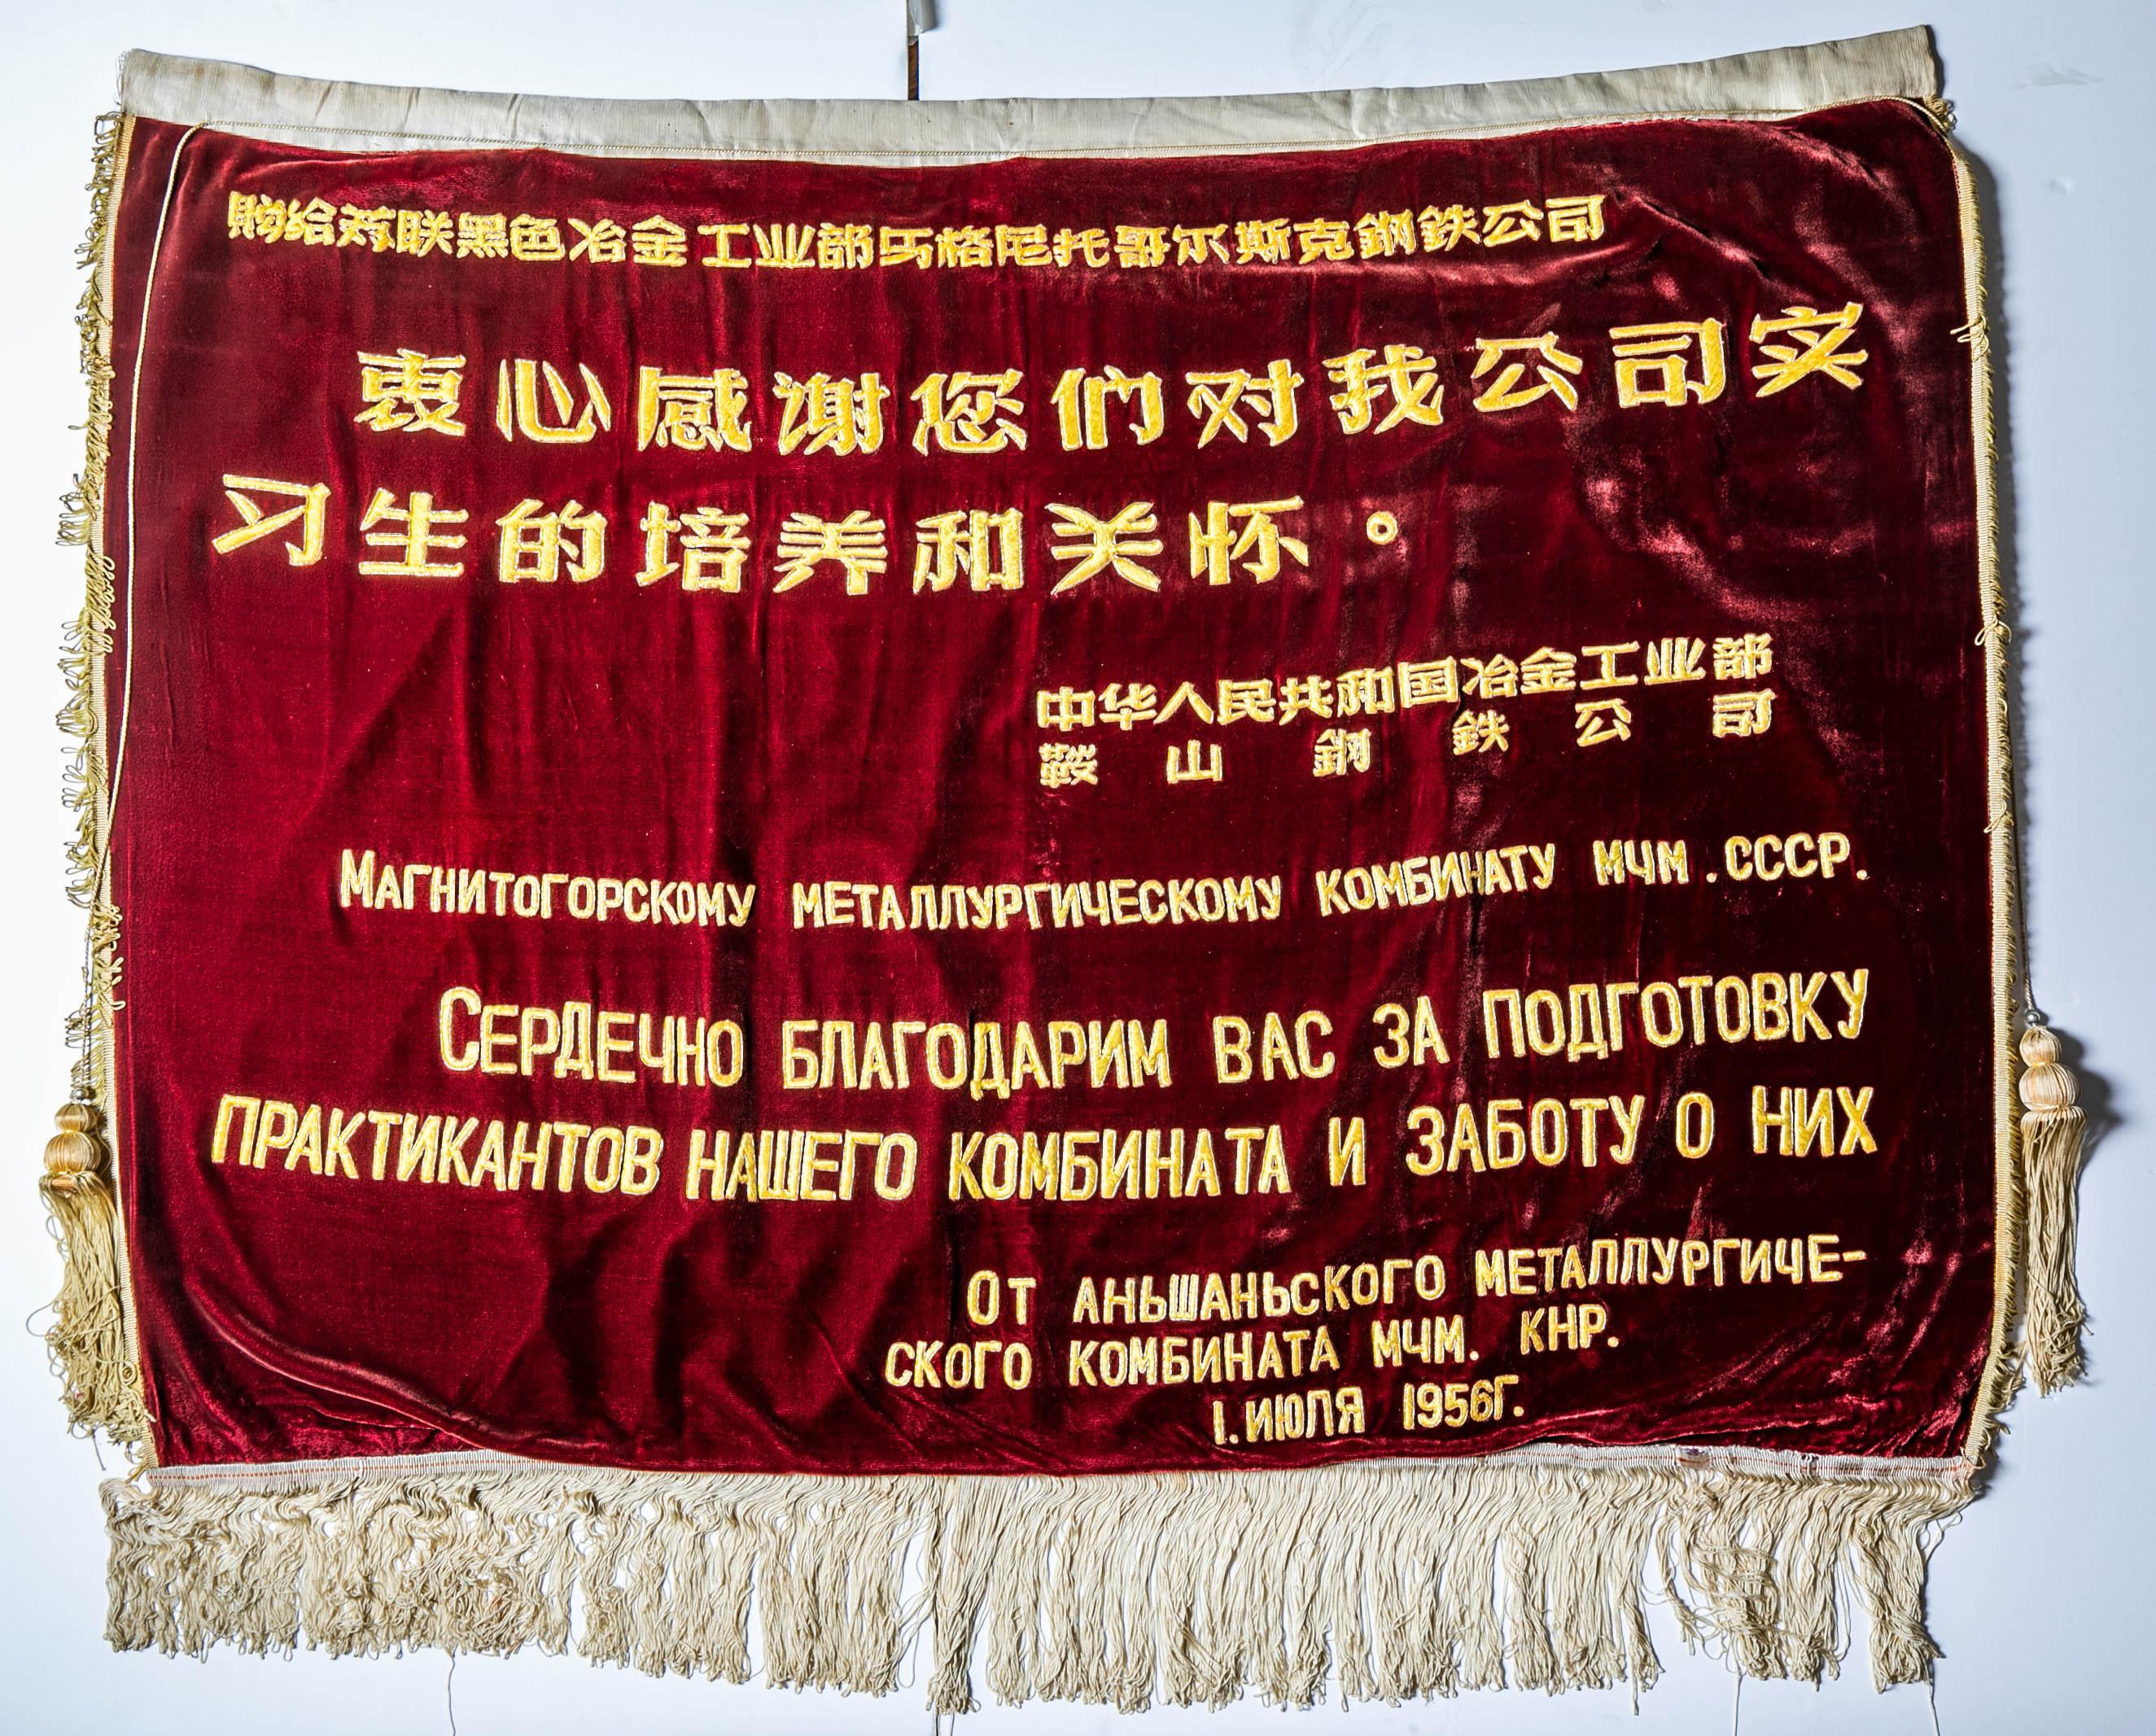 Экспозиция, посвященная истории Китая, открывается в Музее современной истории России